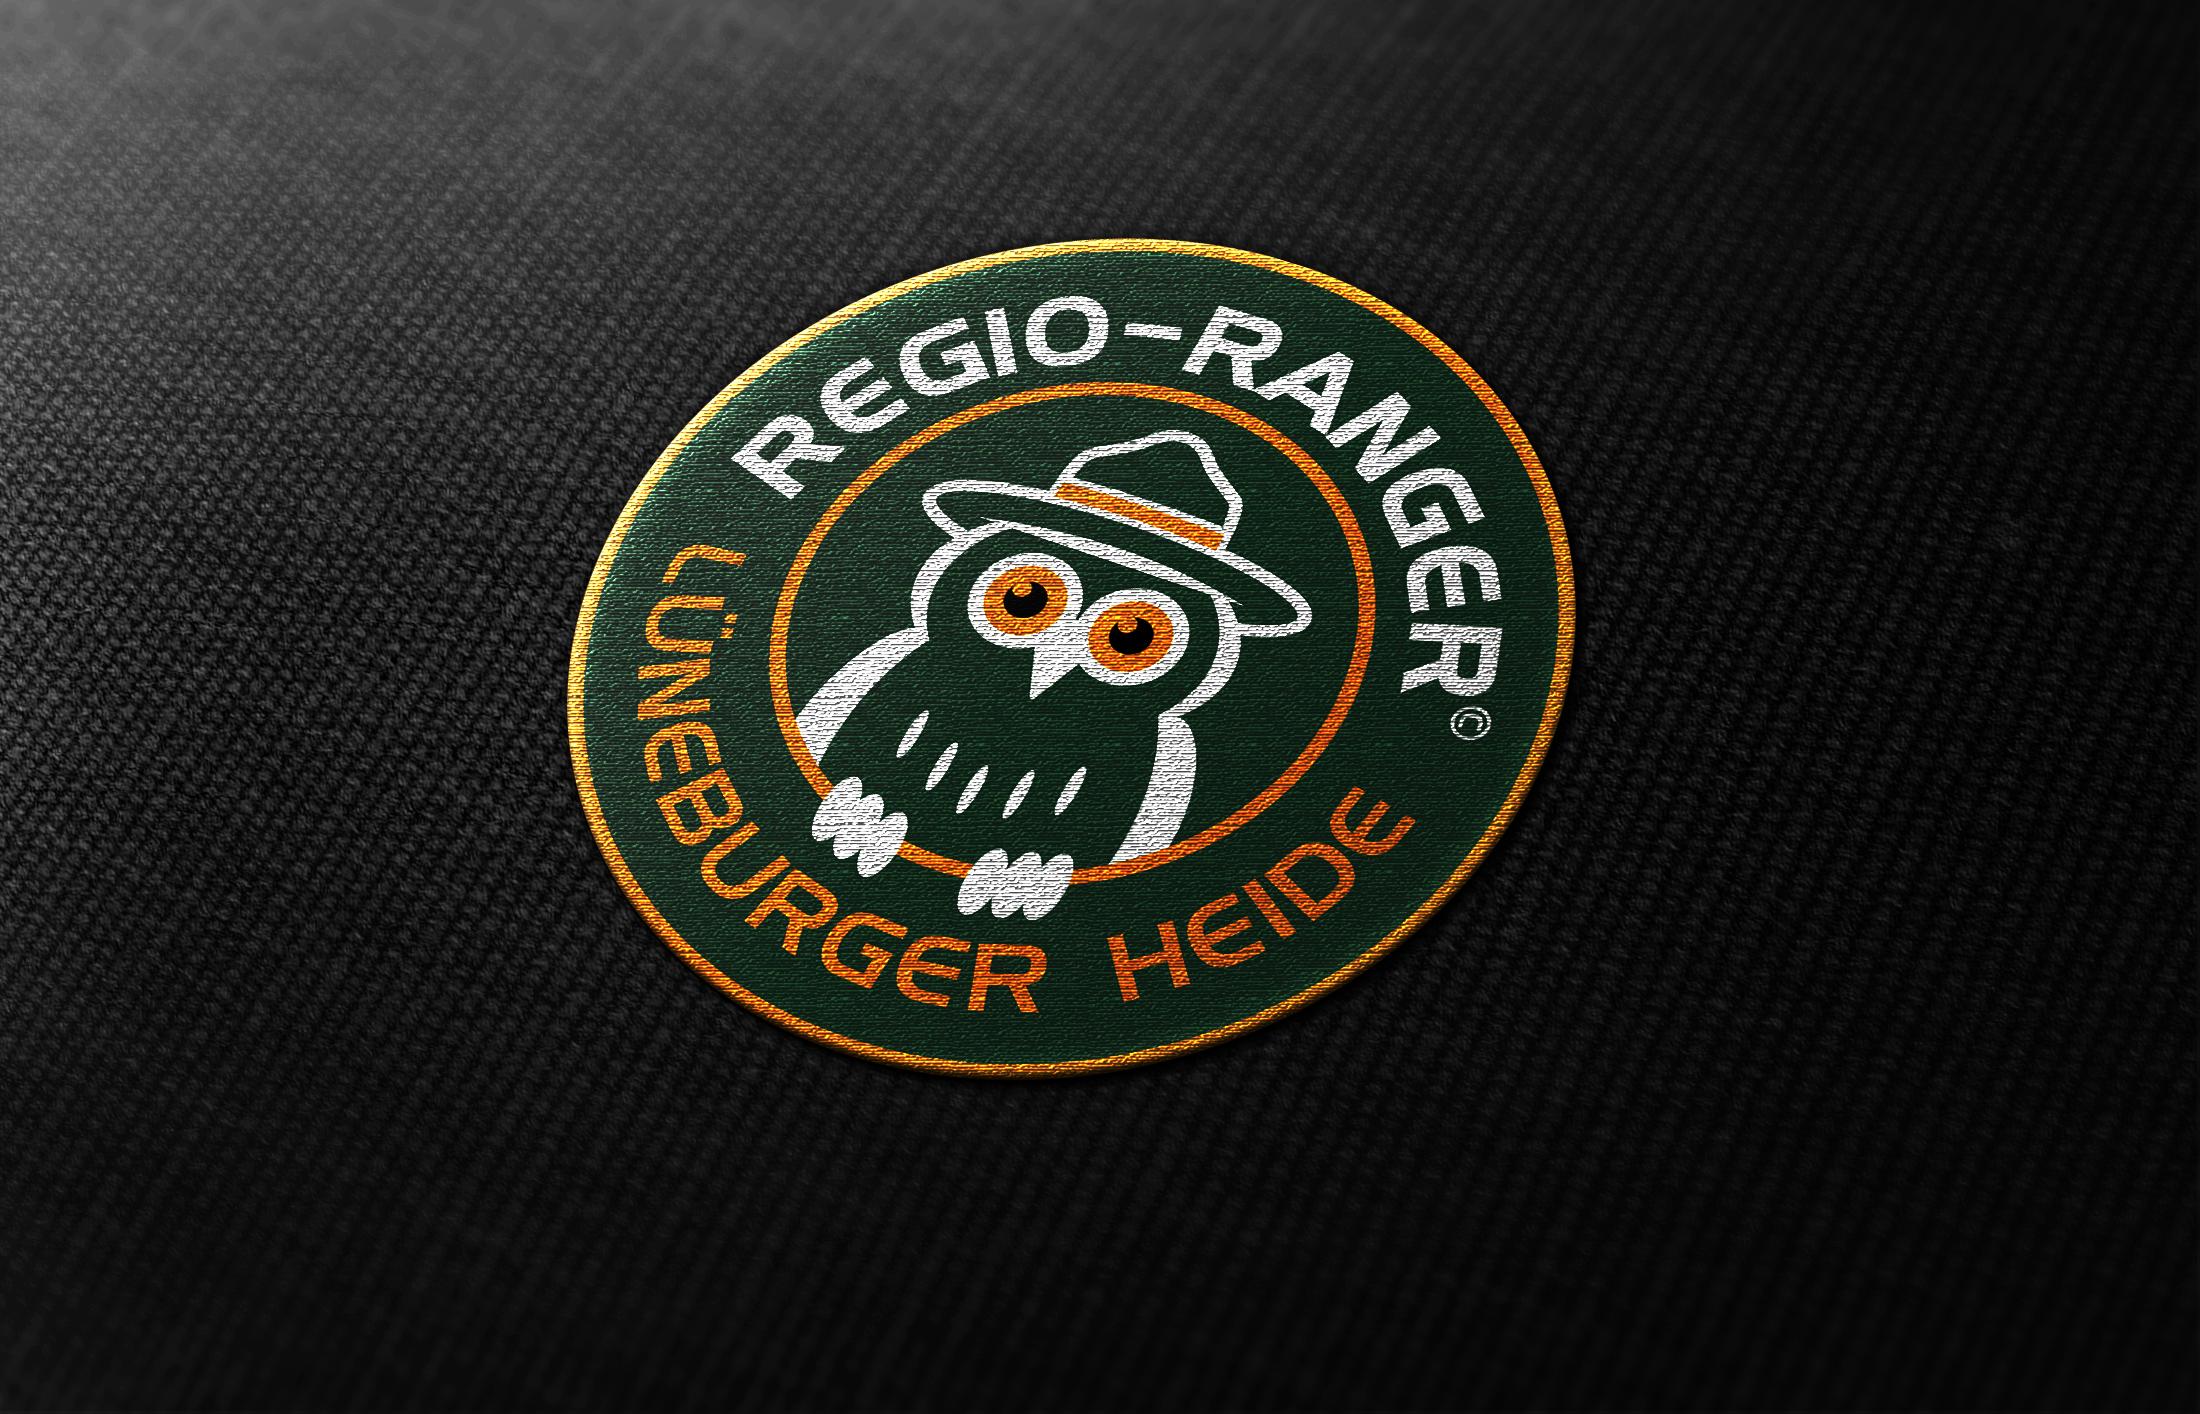 Regio Ranger